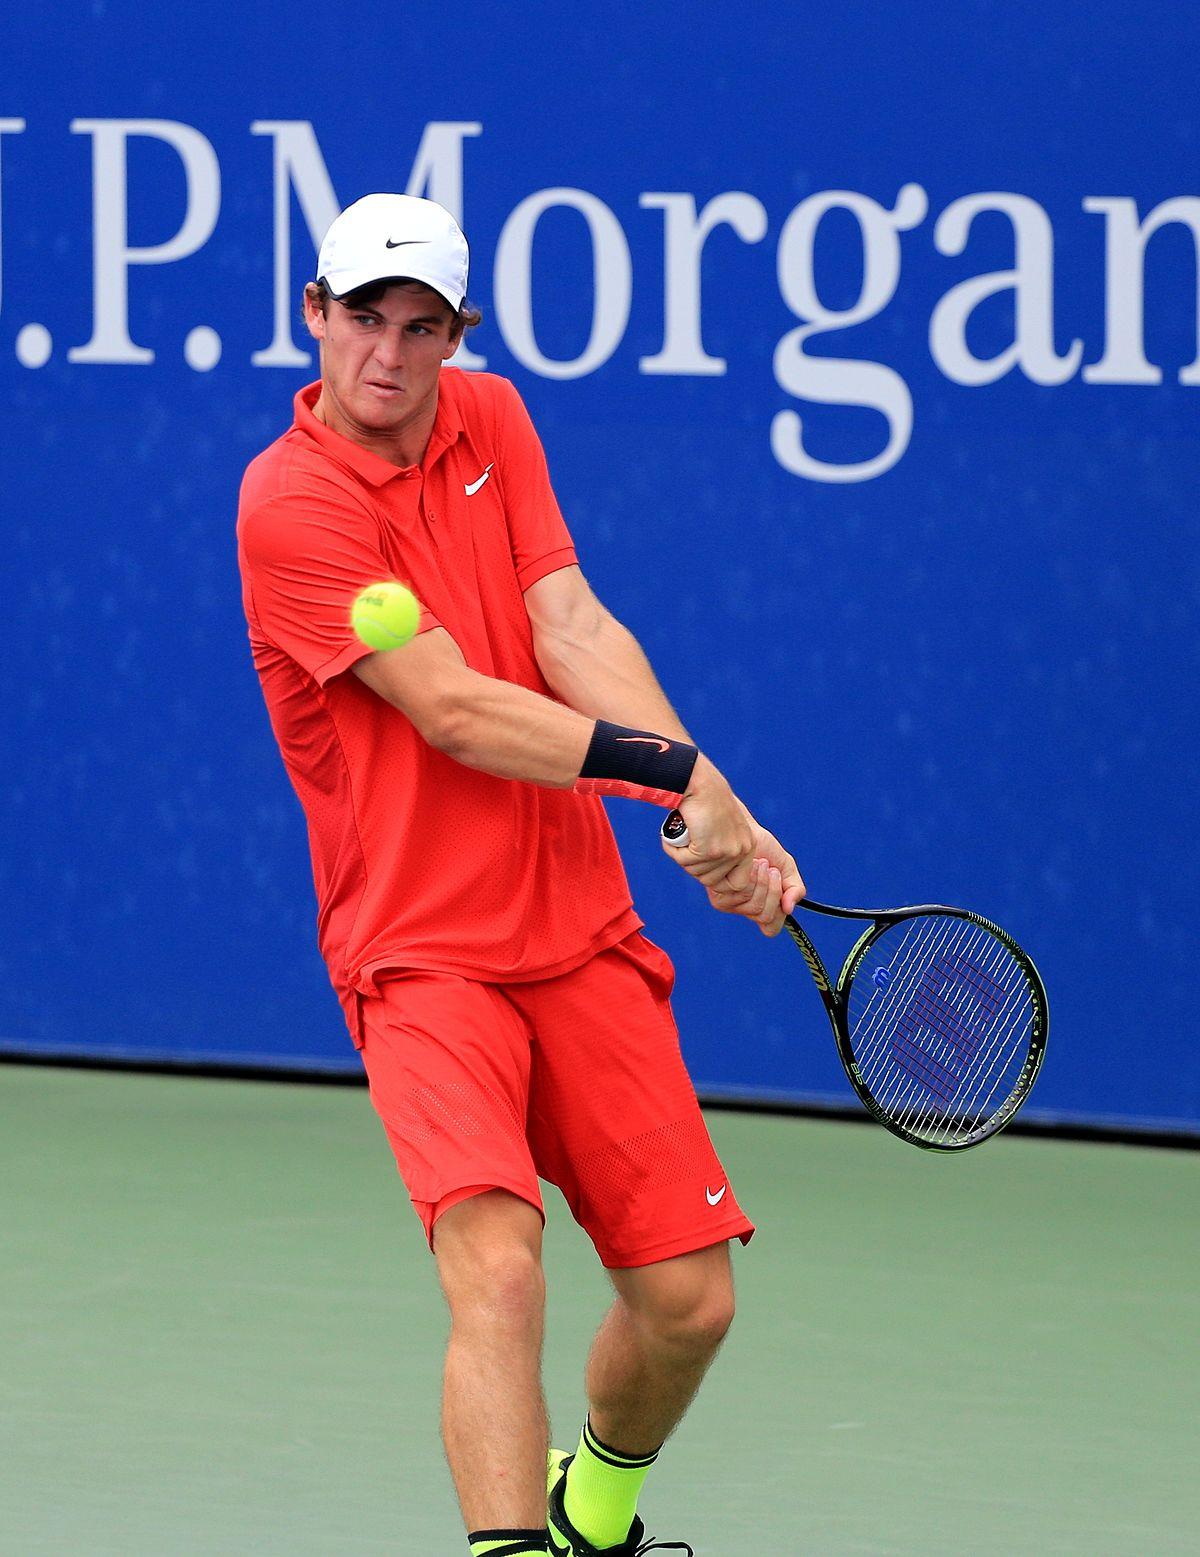 Tommy Paul (Tennisspieler) – Wikipedia